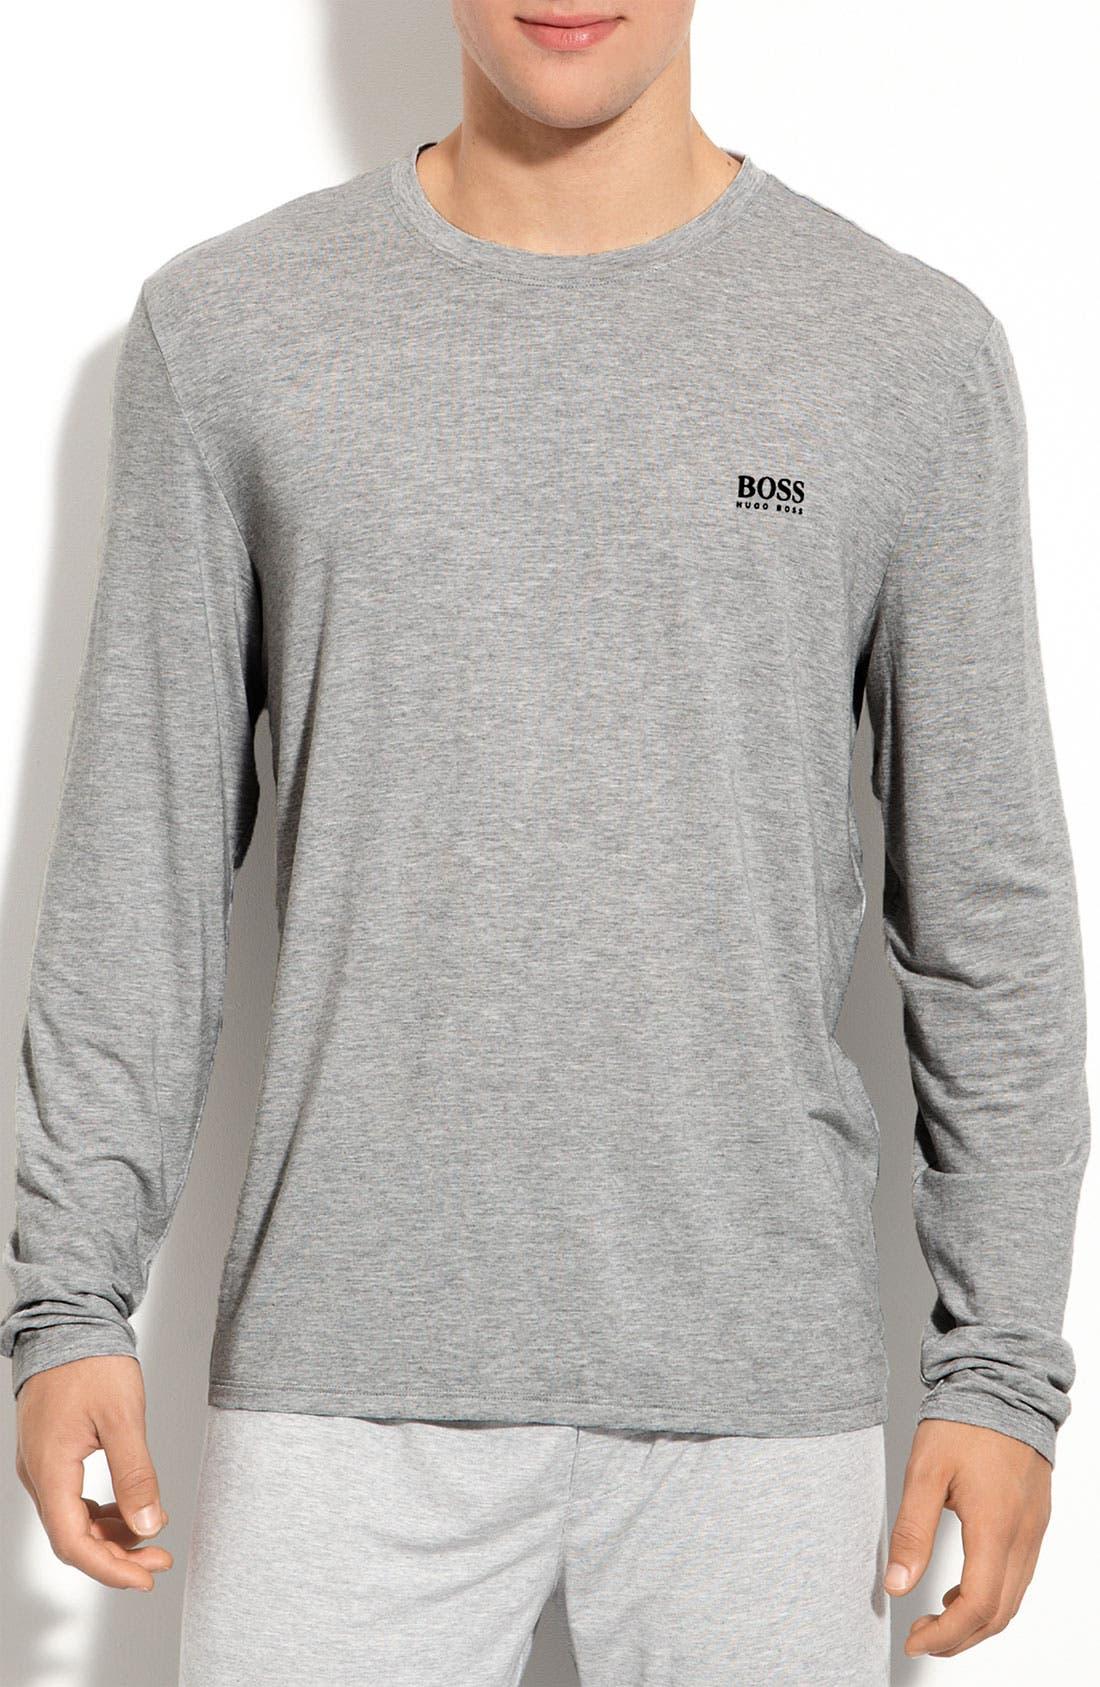 Main Image - BOSS 'Innovation 5' Lounge Shirt